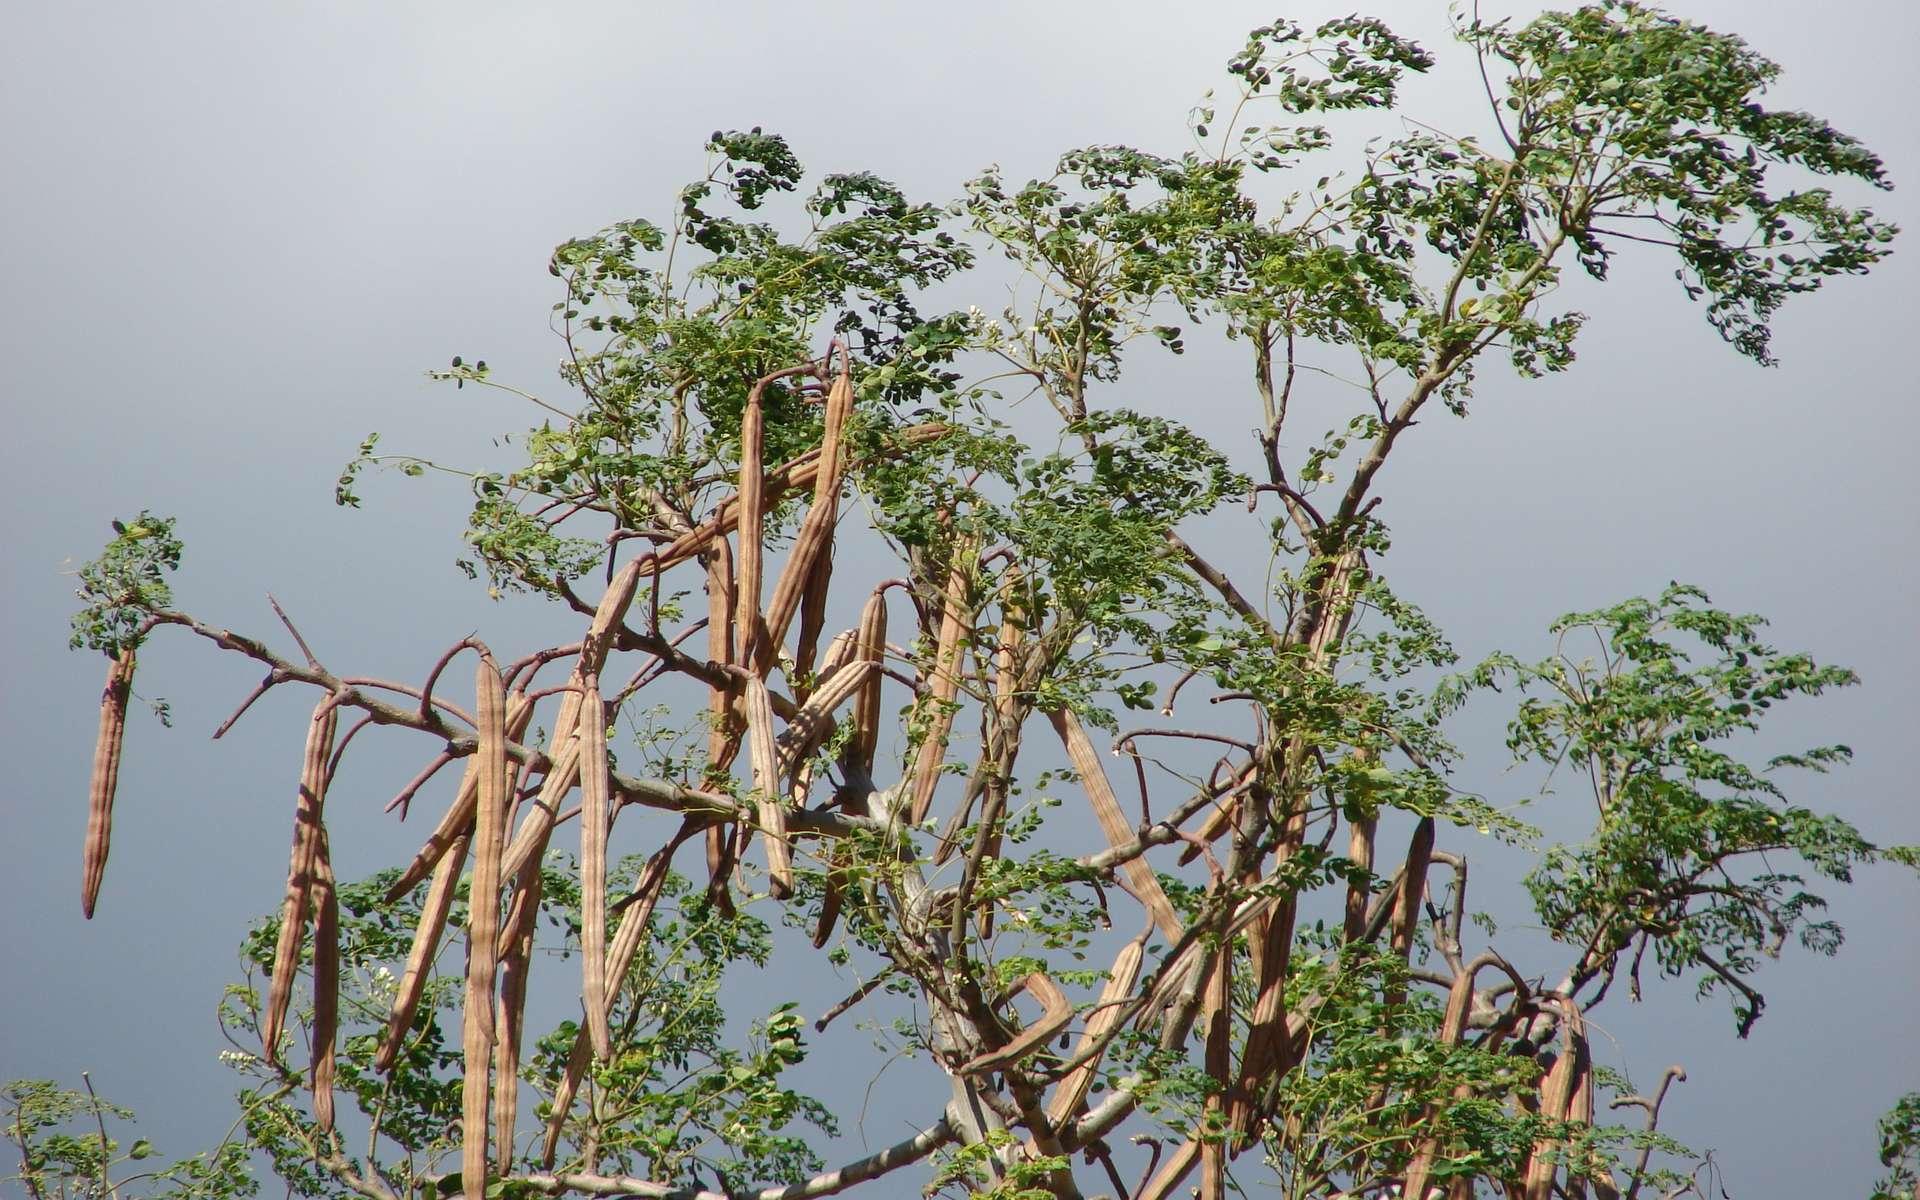 La médecine traditionnelle affirme que le moringa soigne 300 maladies ! © Forest & Kim Starr, CC by 3.0